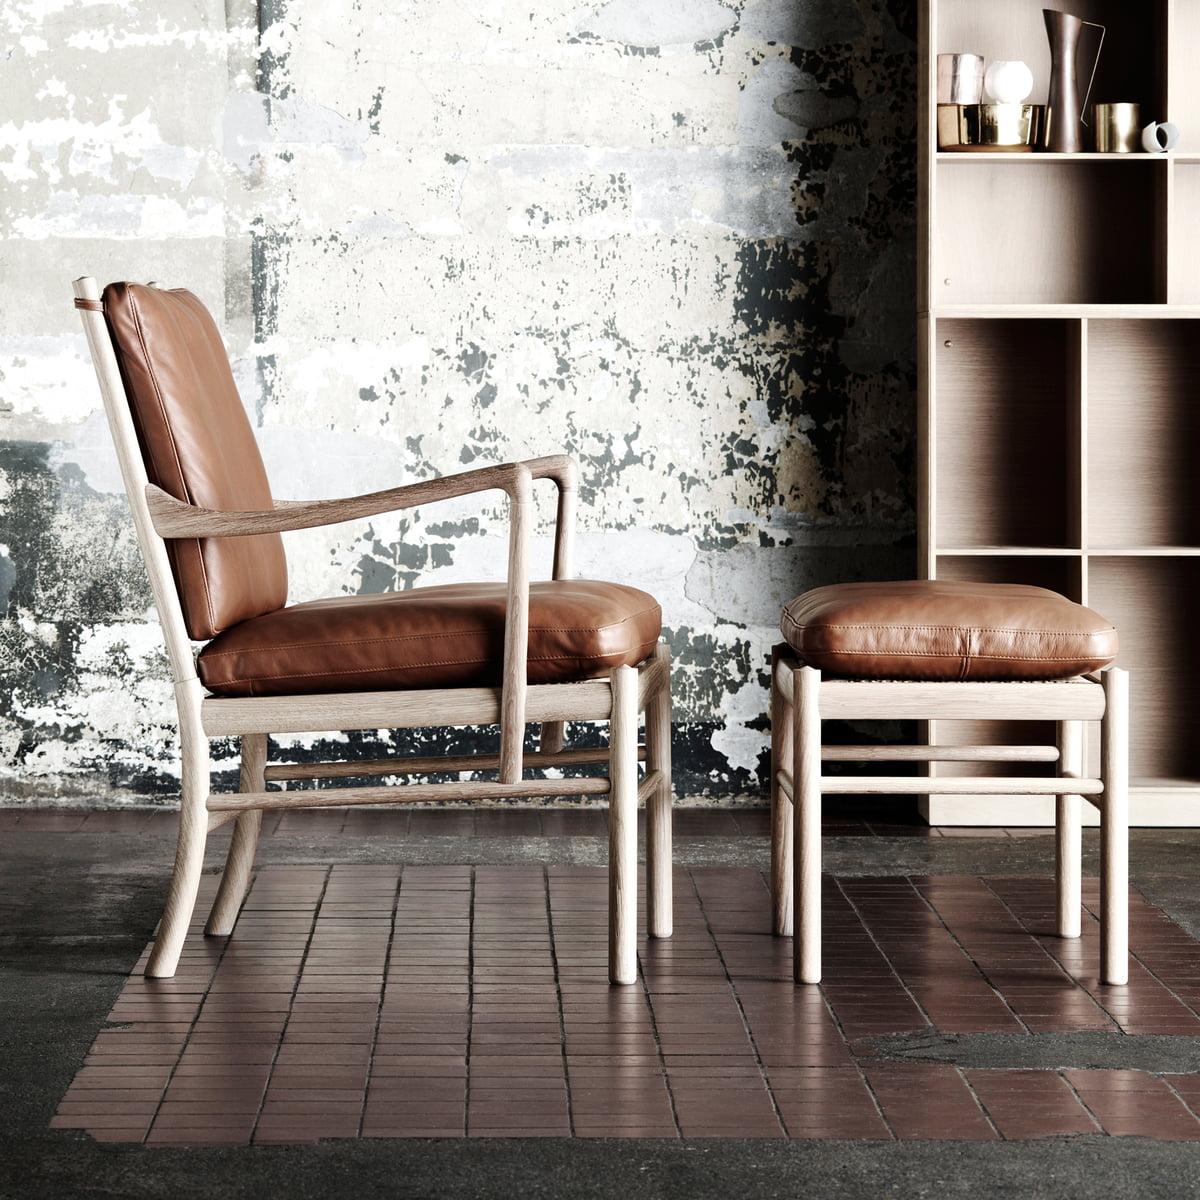 Carl Hansen Chairs ow149 colonial chaircarl hansen in the shop